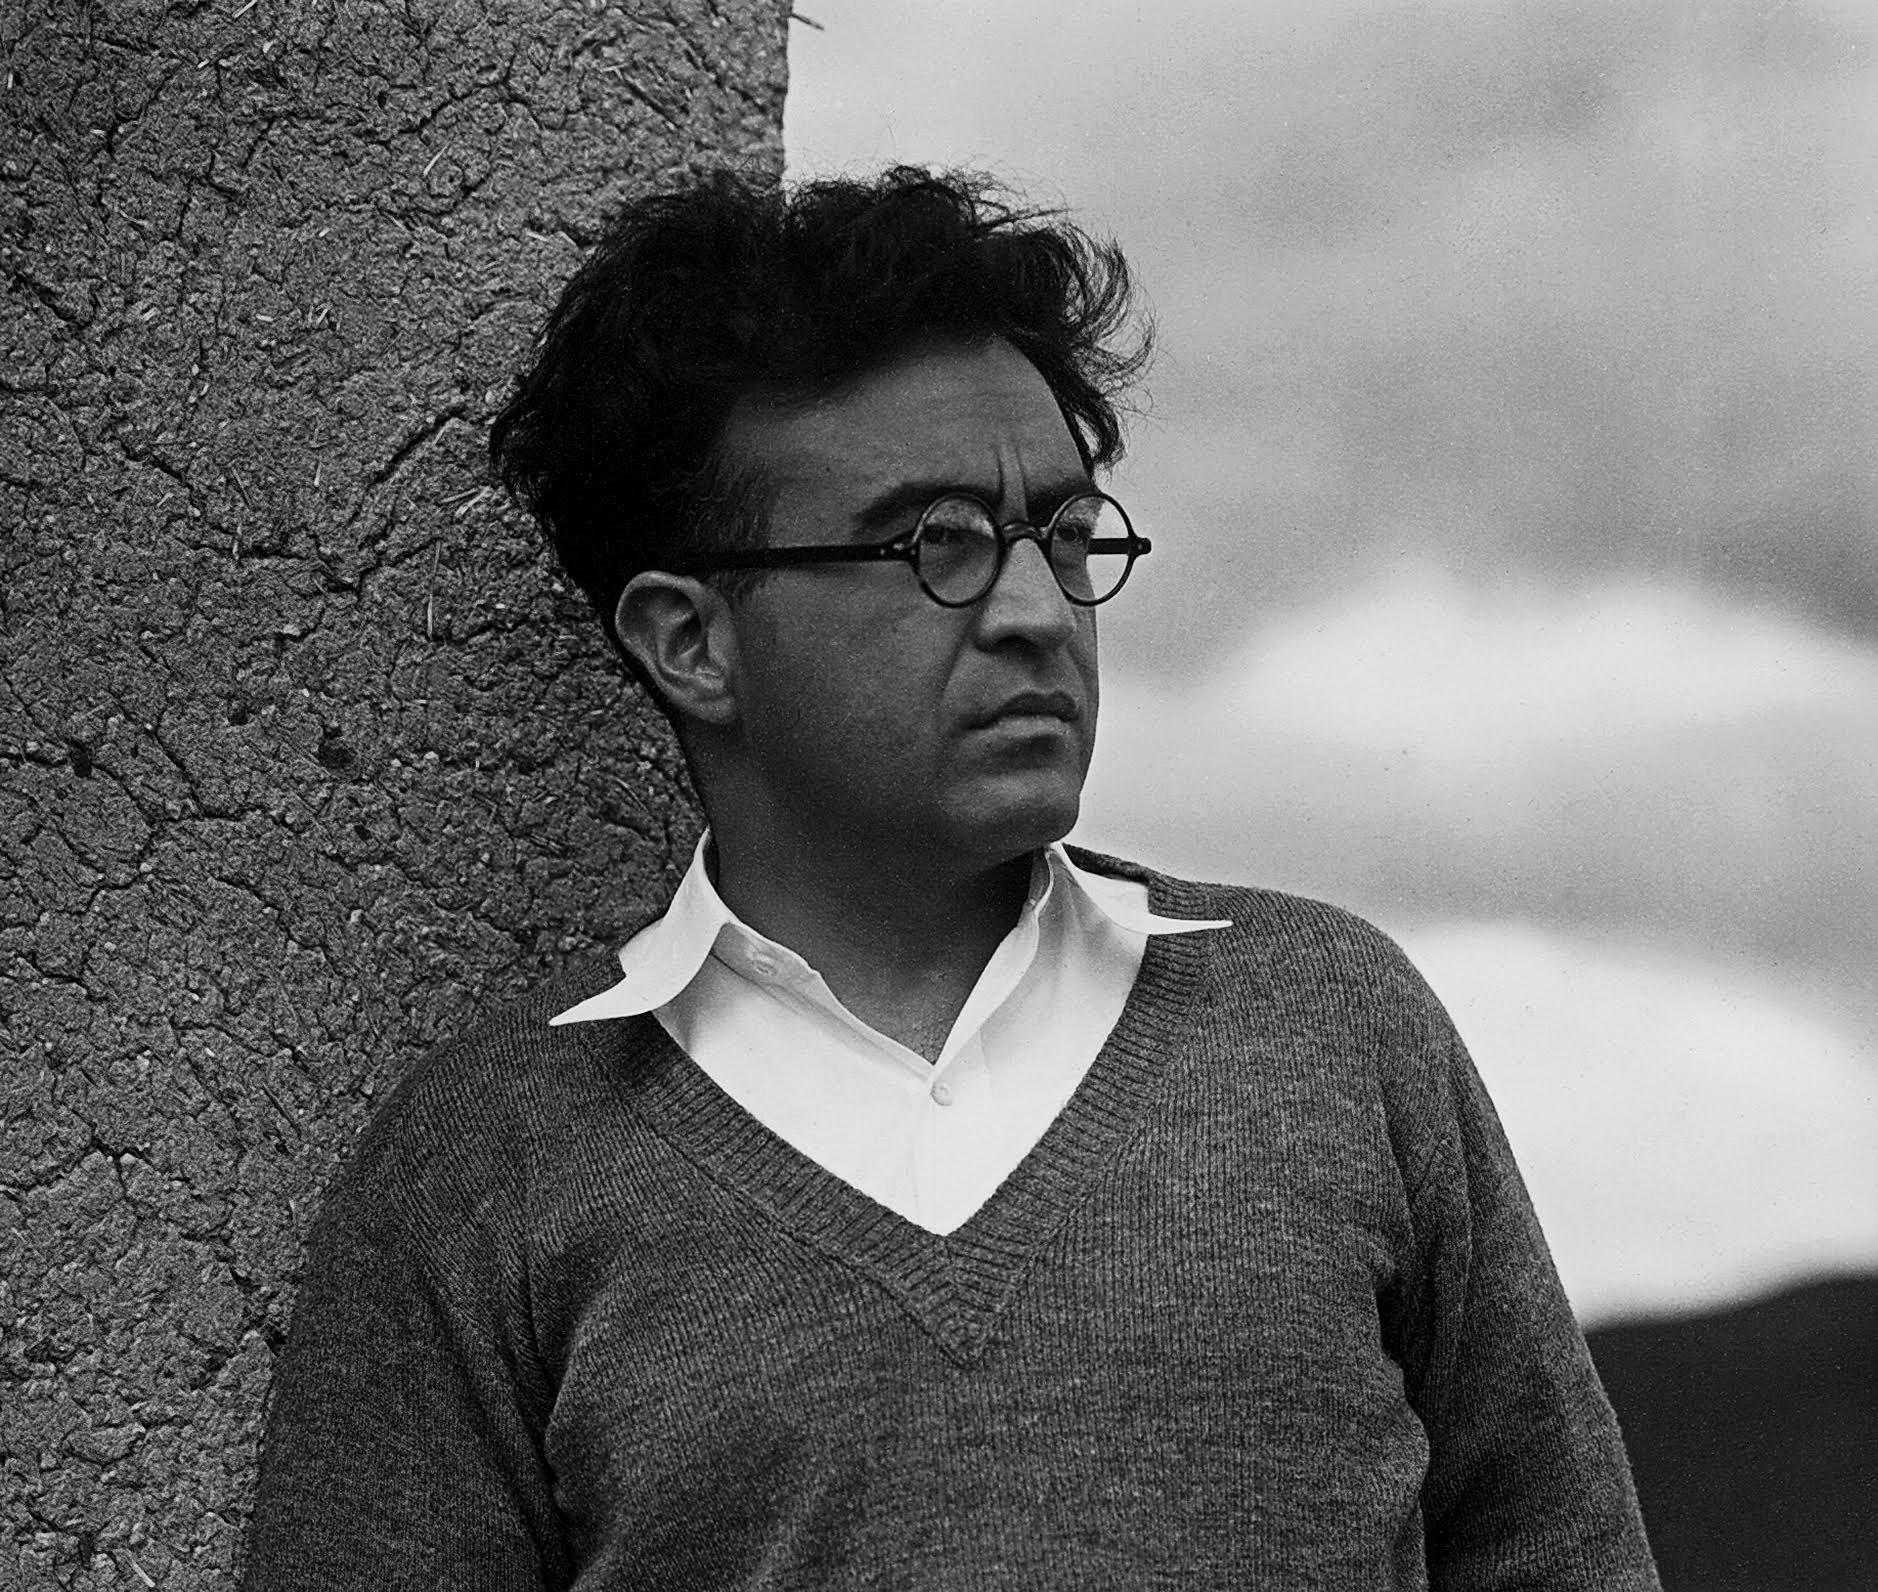 Carlos Chávez en Nuevo México, 1932. Foto de Paul Strand.